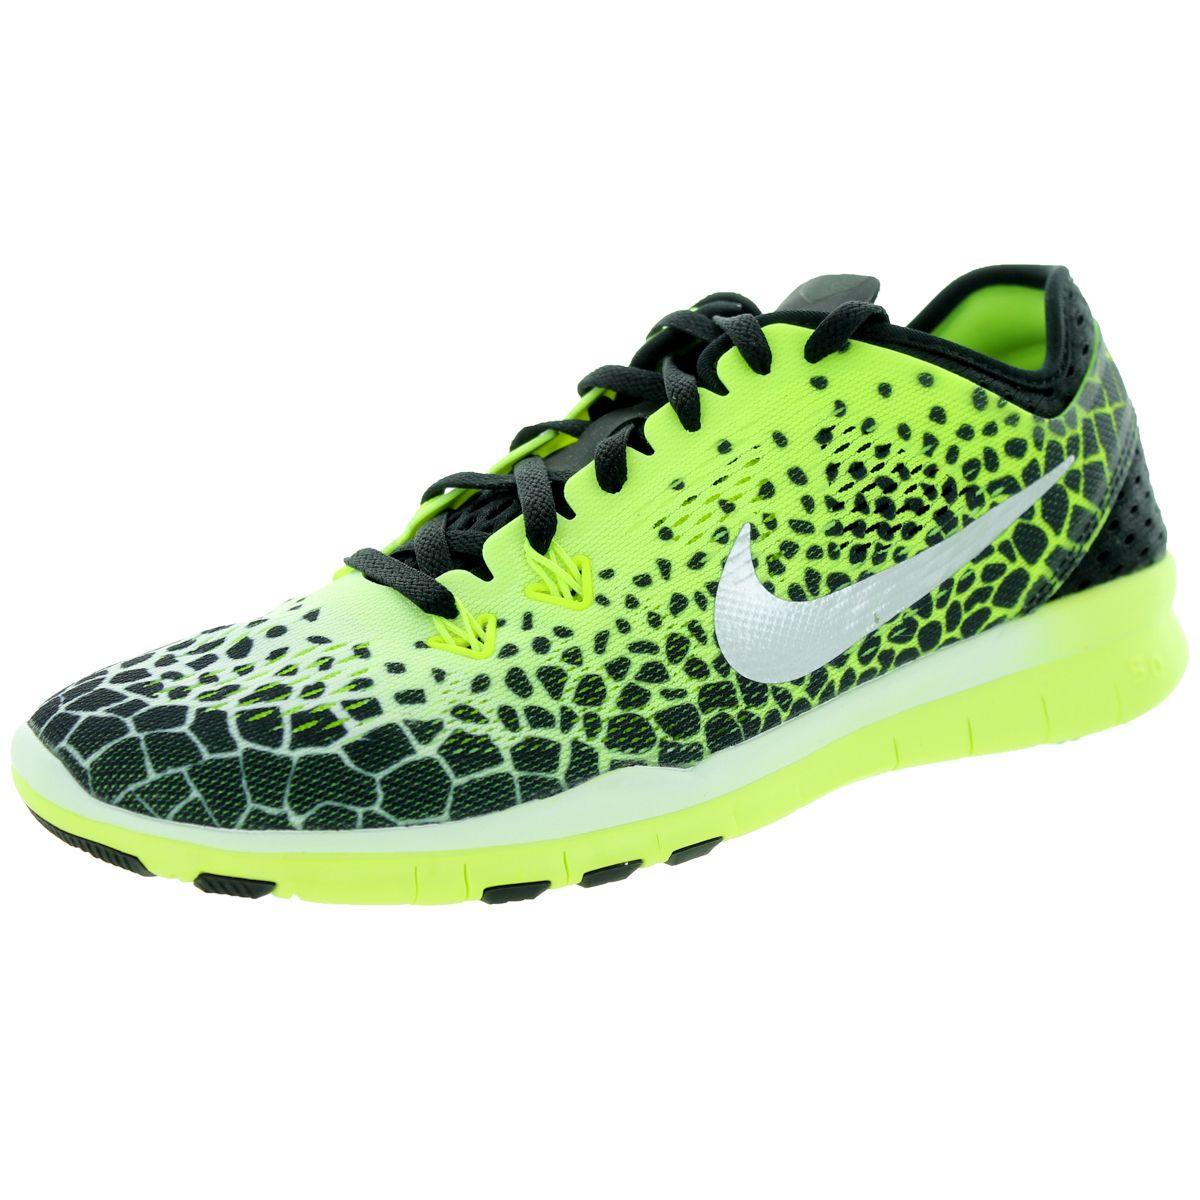 48751e3f7683 Nike Women s Free 5.0 Tr Fit 5 Prt  Mlc Silver White Training Shoe ...